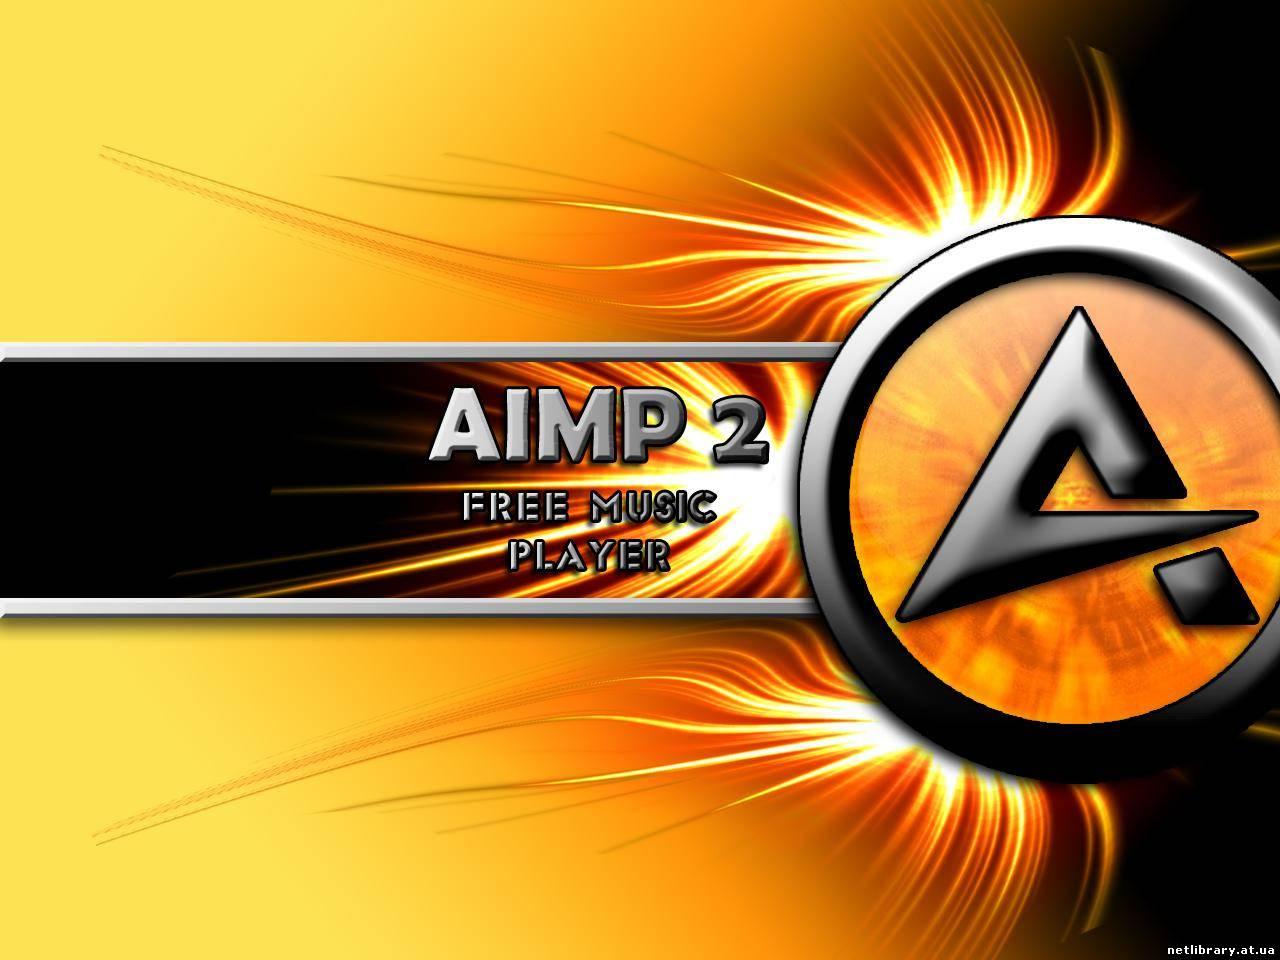 AIMP 2.11